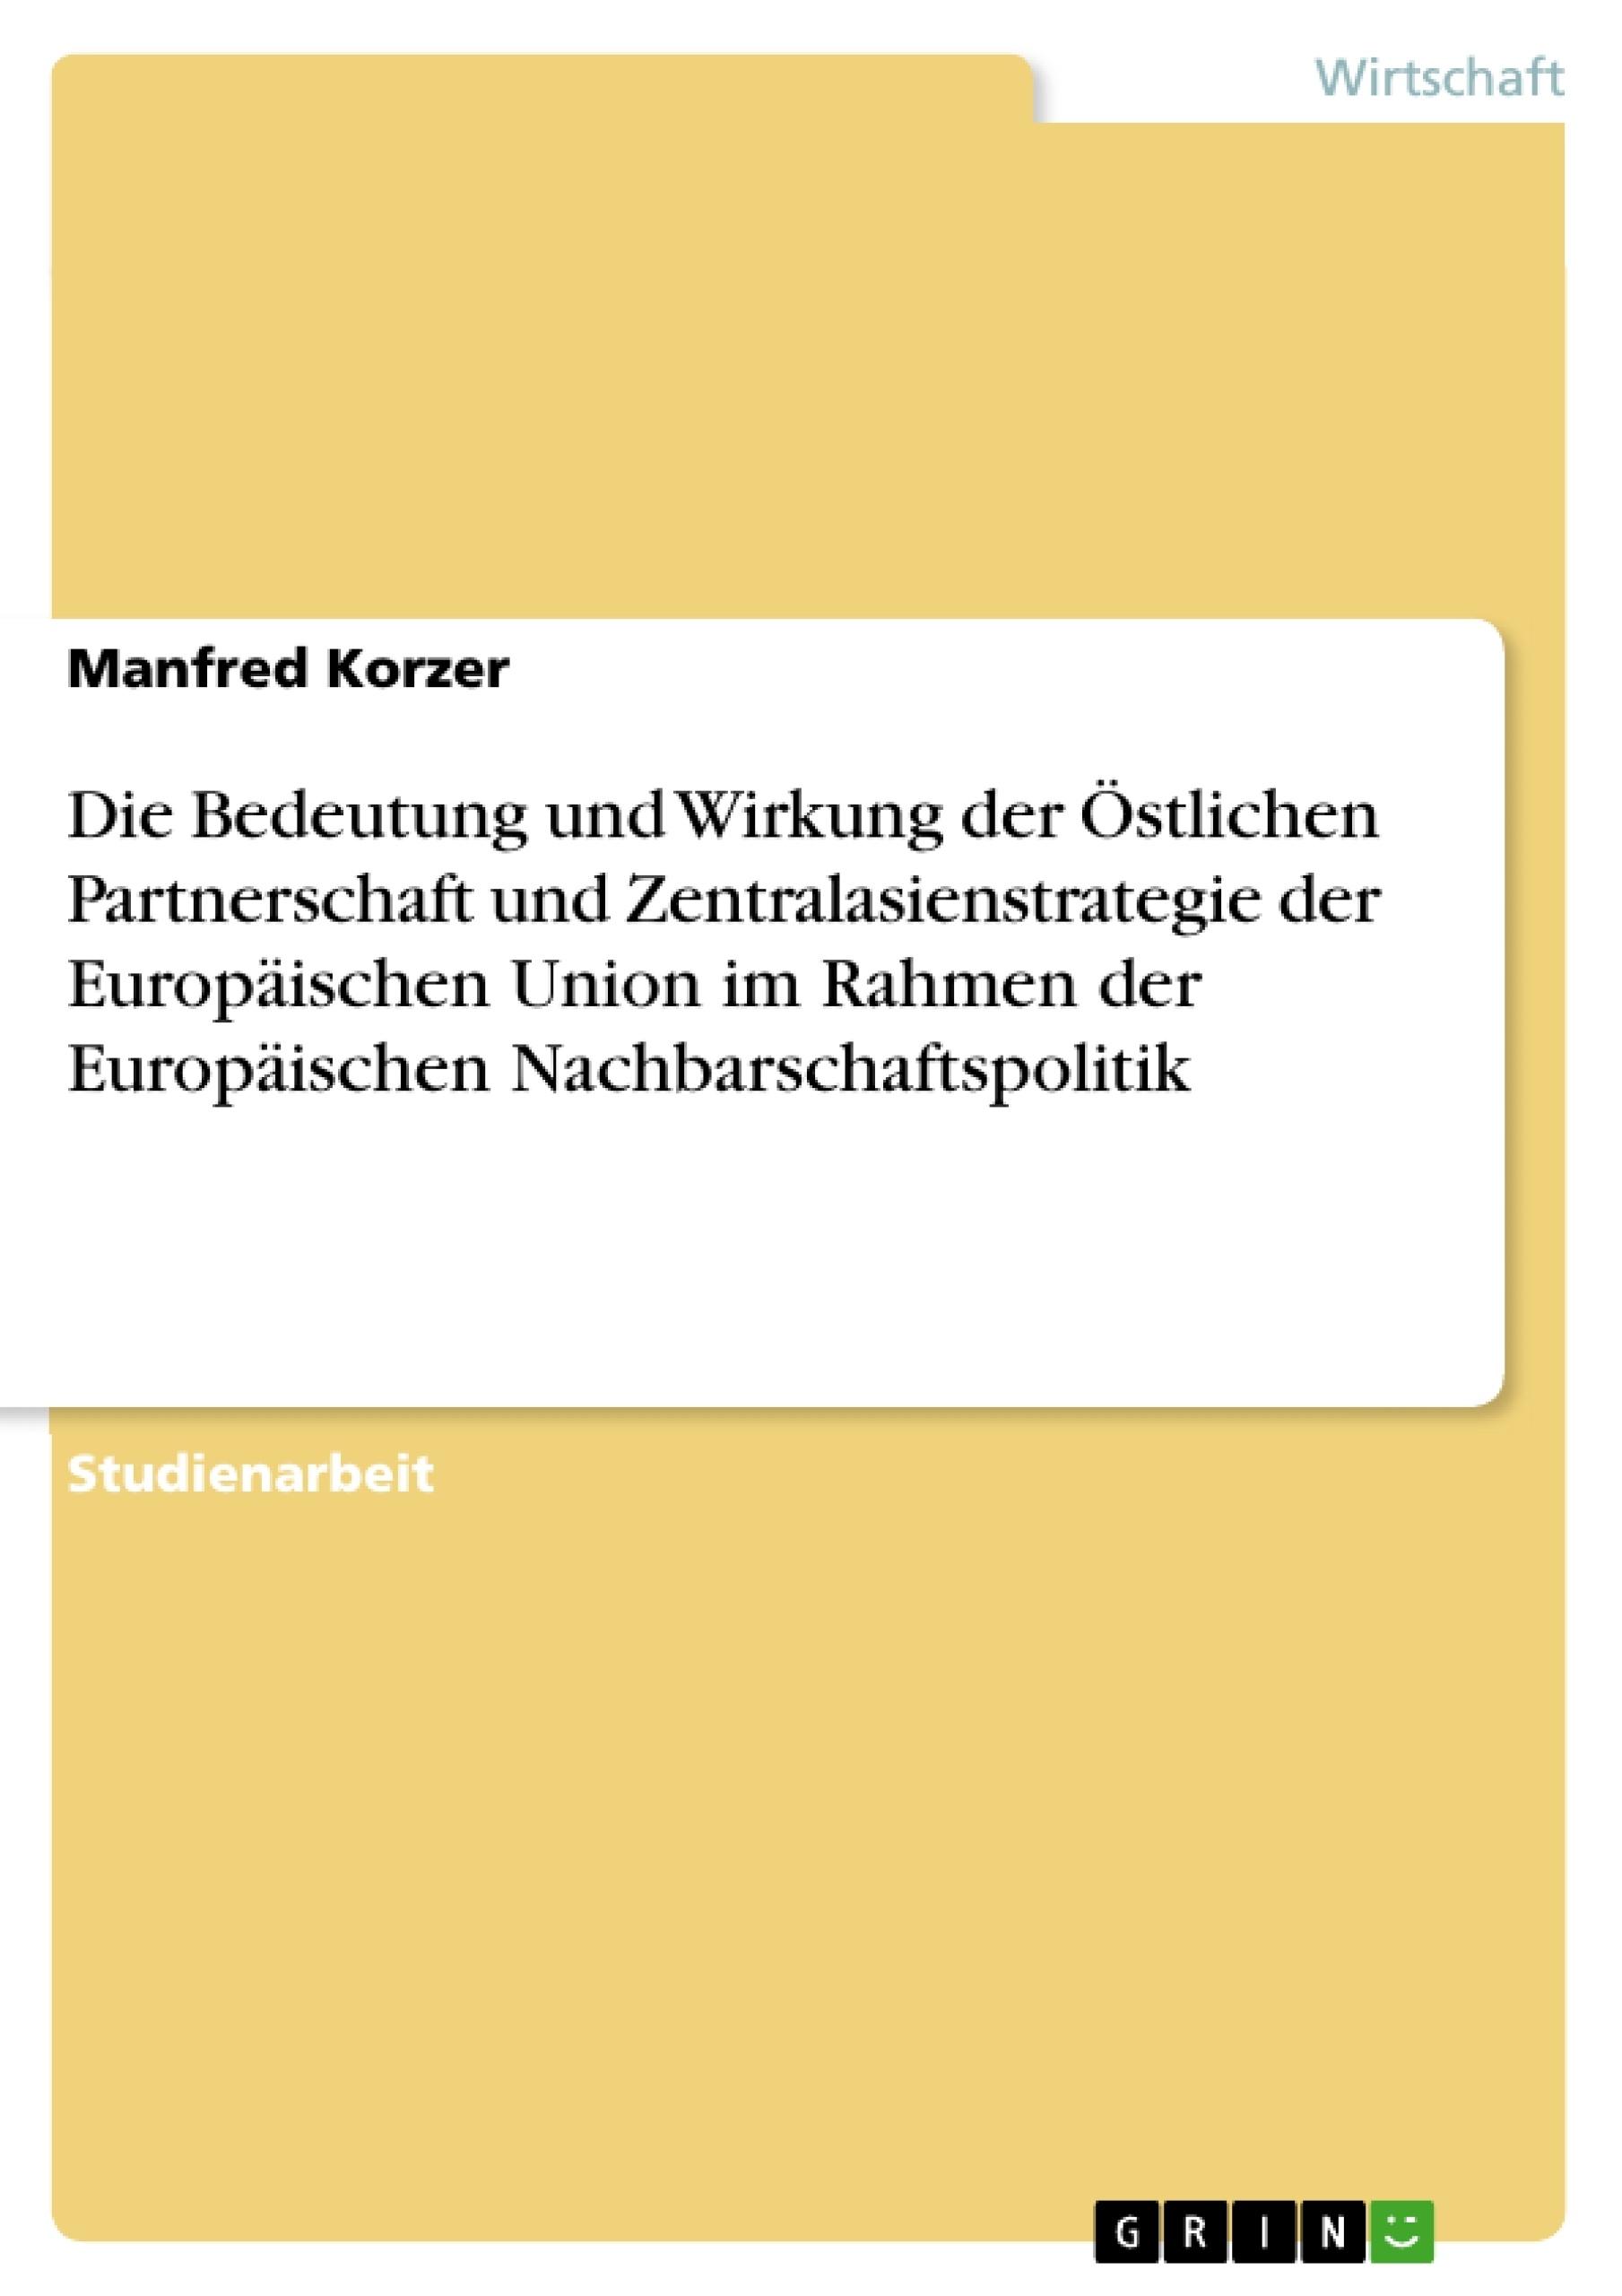 Titel: Die Bedeutung und Wirkung der Östlichen Partnerschaft und Zentralasienstrategie der Europäischen Union im Rahmen der Europäischen Nachbarschaftspolitik